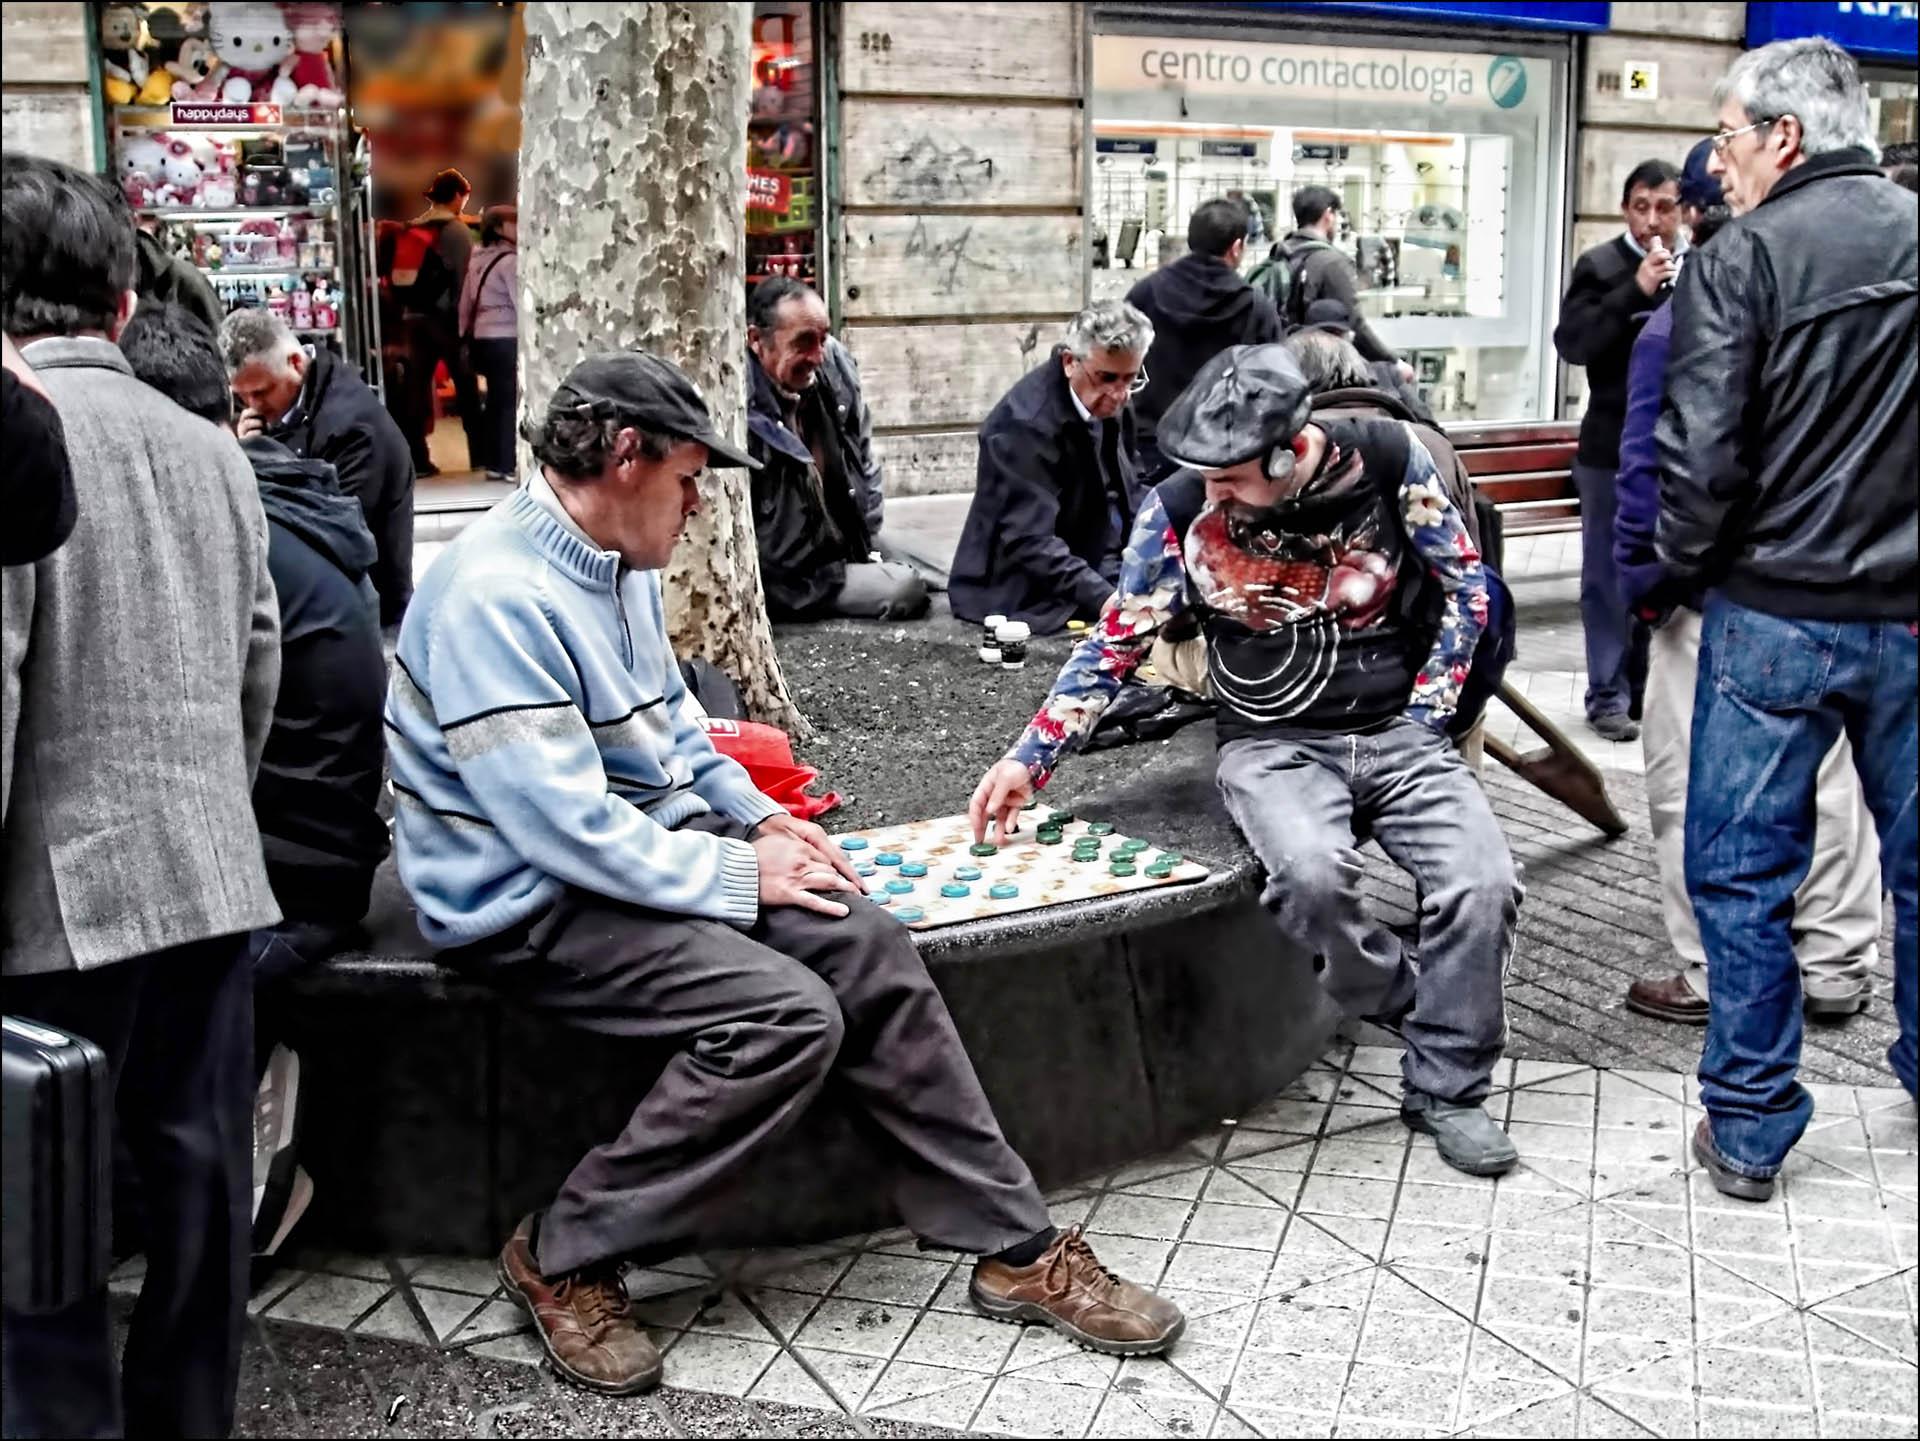 castillo.tournament at street corner in Chile